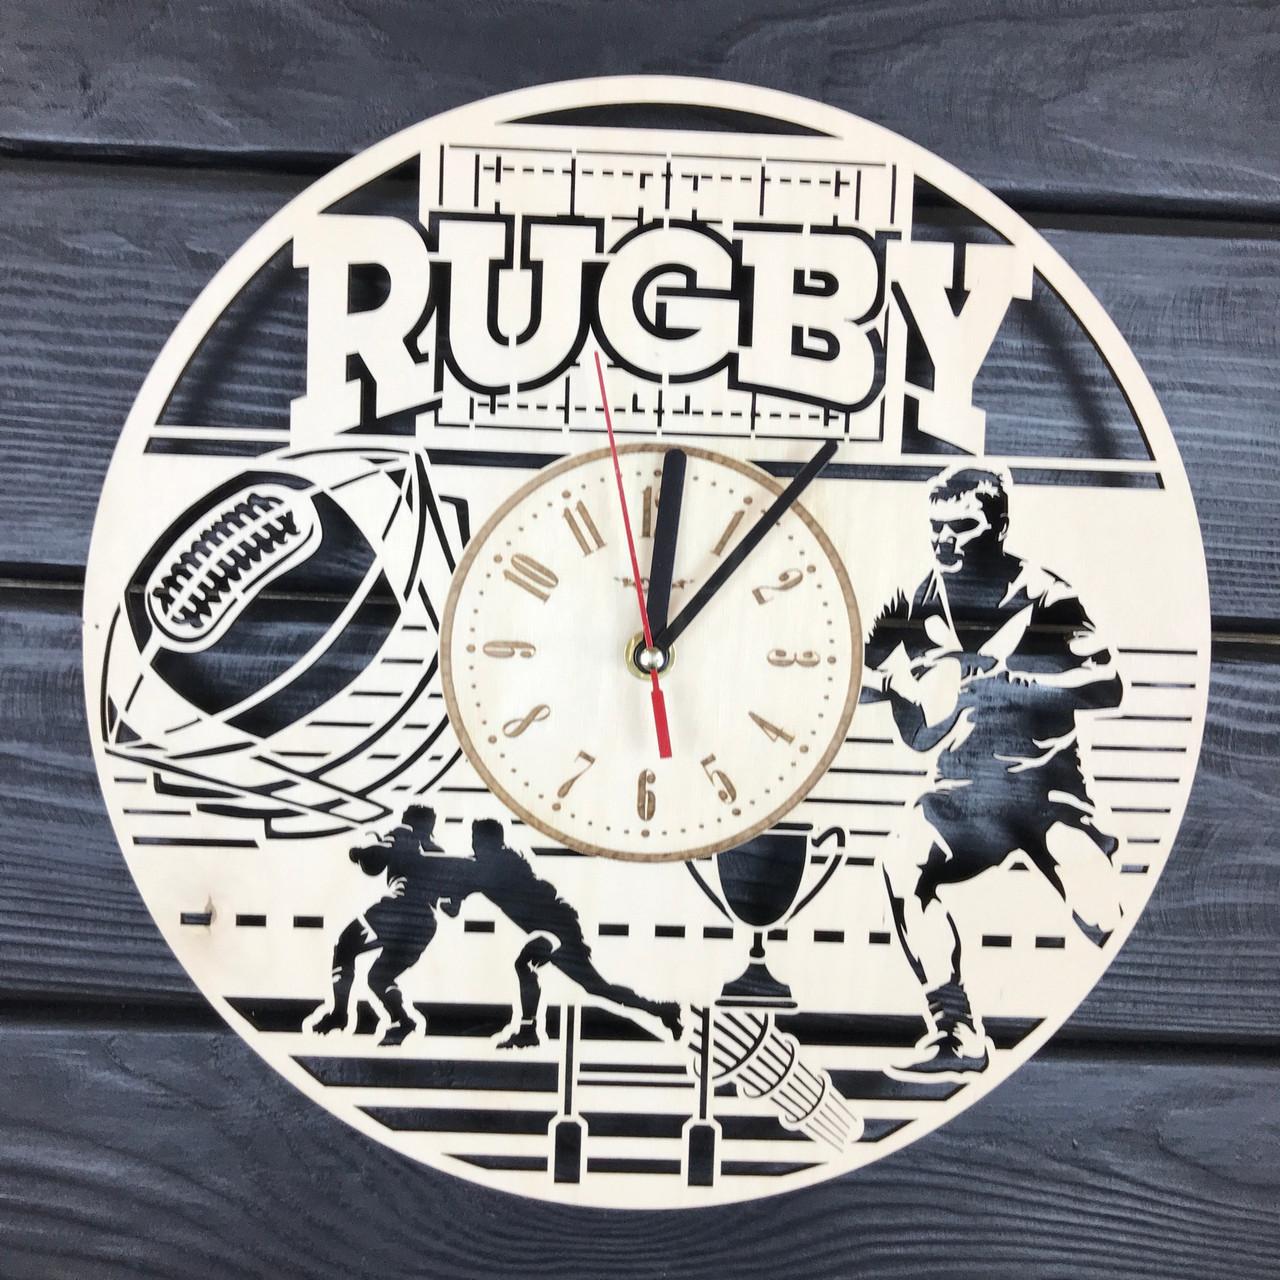 Тематические настенные часы из дерева «Регби»